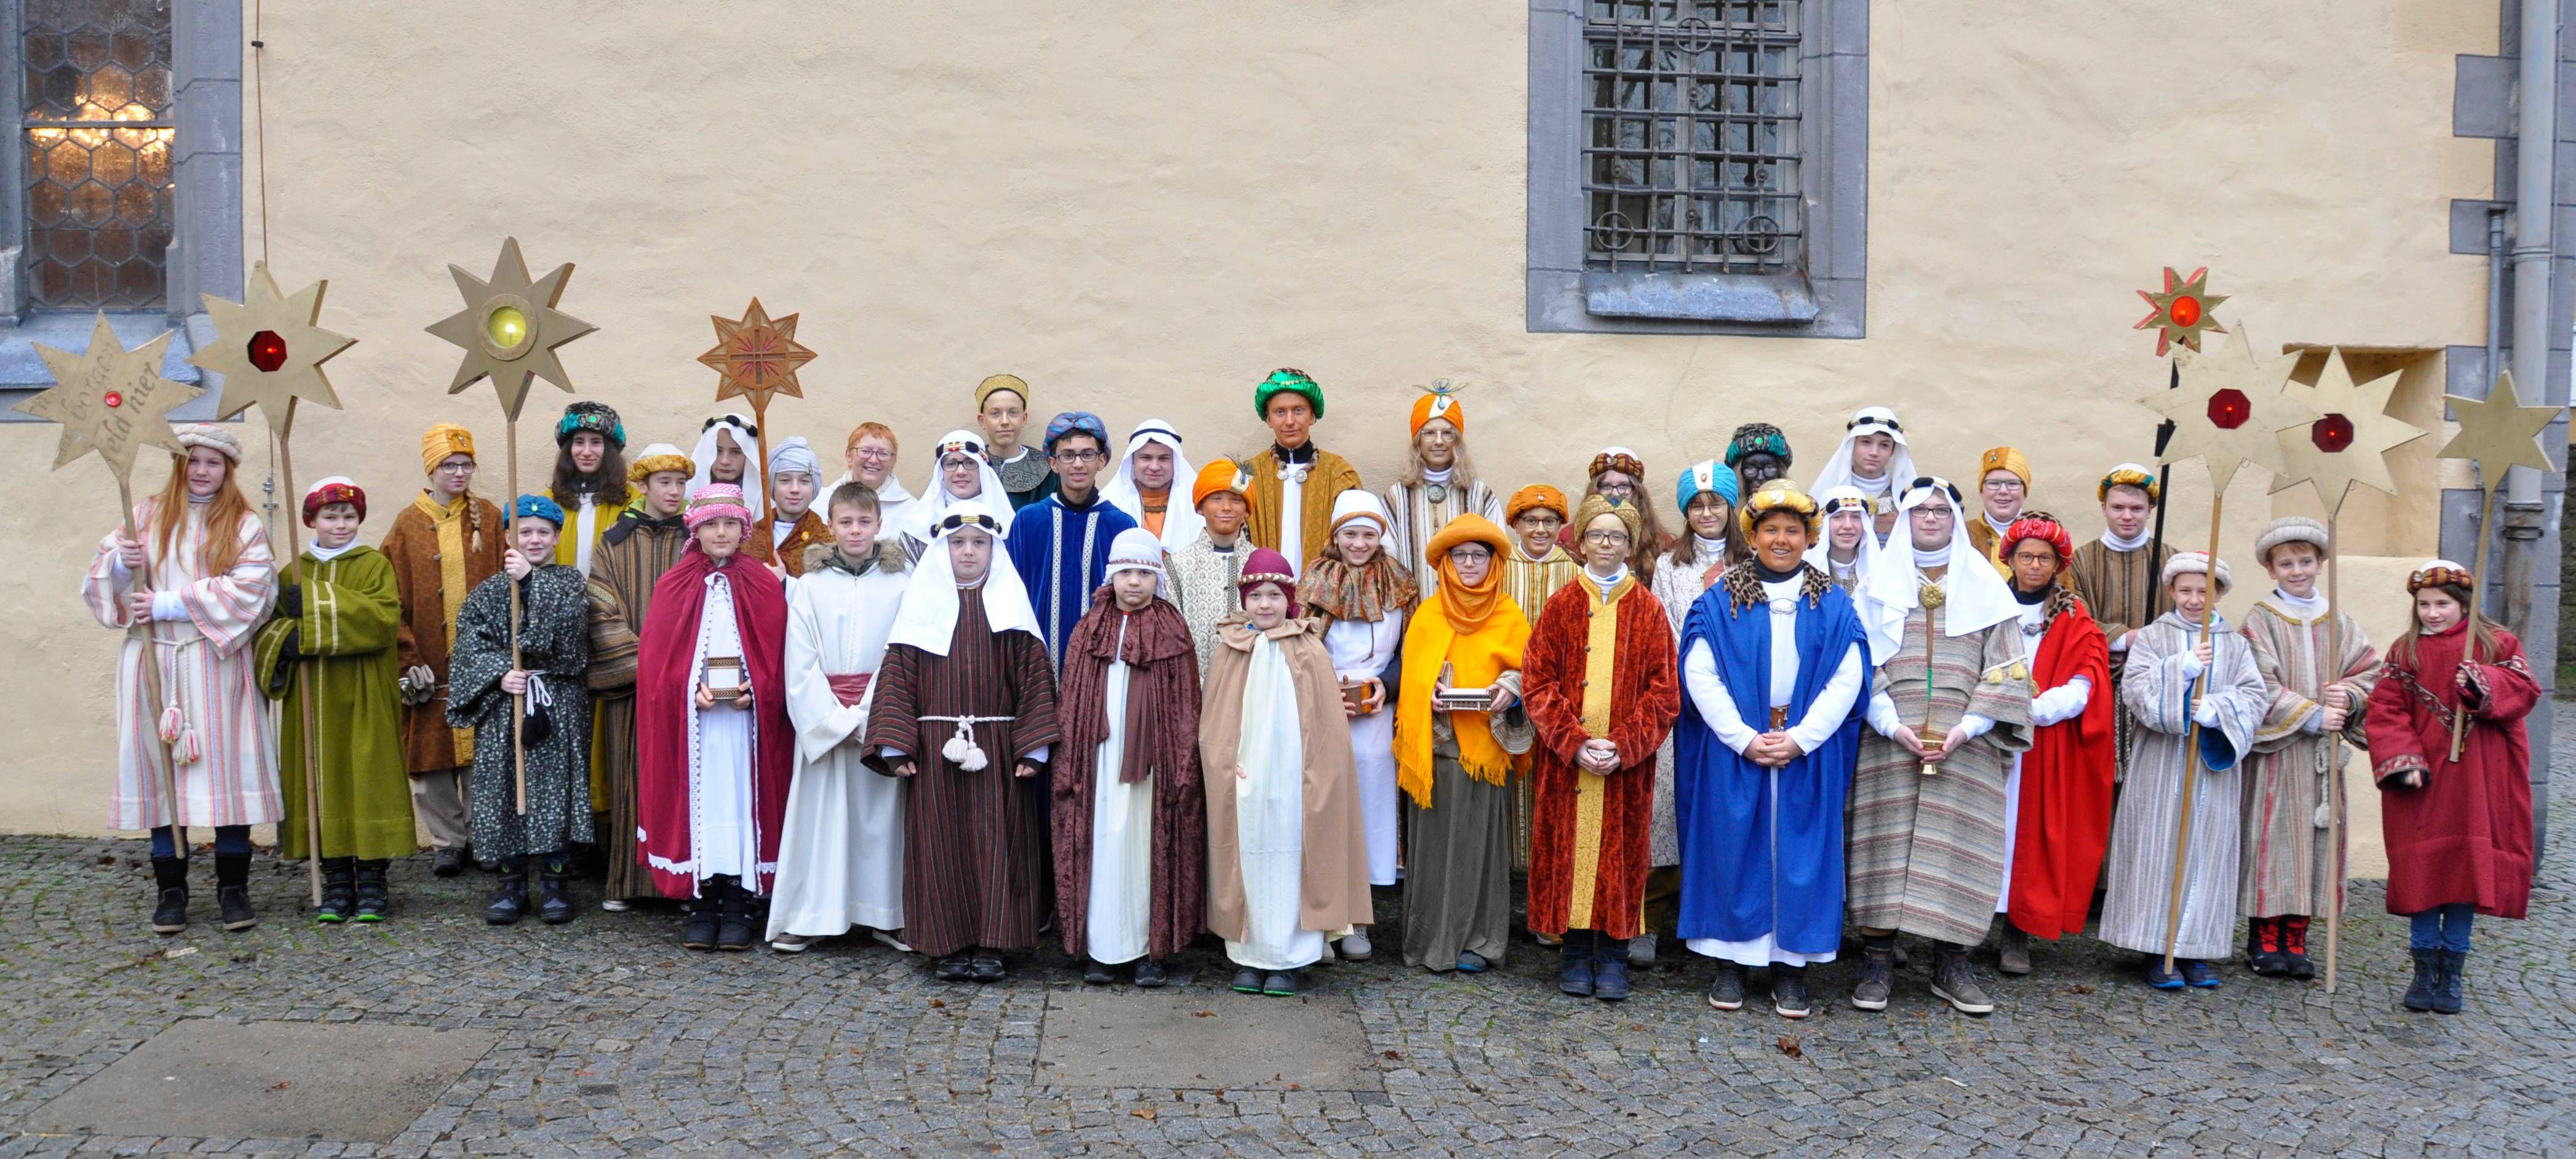 Am Dreikönigstag brachten Sternsinger aus Brüchs, Fladungen, Leubach, Oberfladungen und Rüdenschwinden (alle Dekanat Bad Neustadt) den Segen in die Häuser der Oberen Rhön.